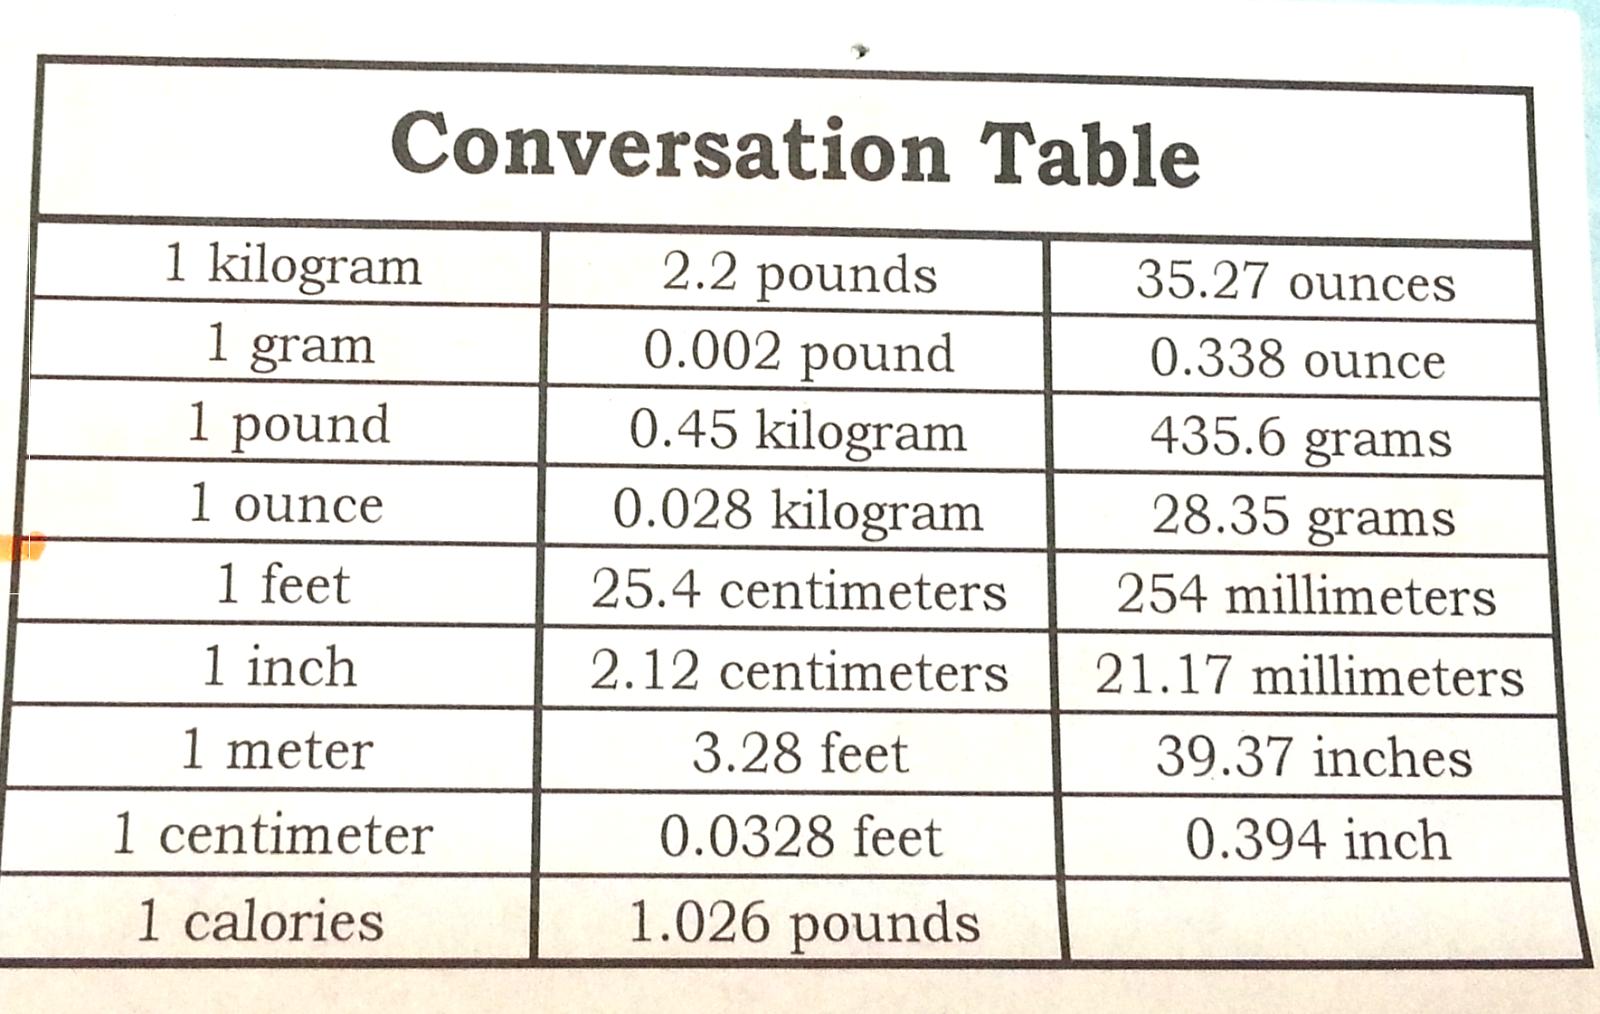 فيزياء ثيرابي القياس و النظام العالمي للوحدات